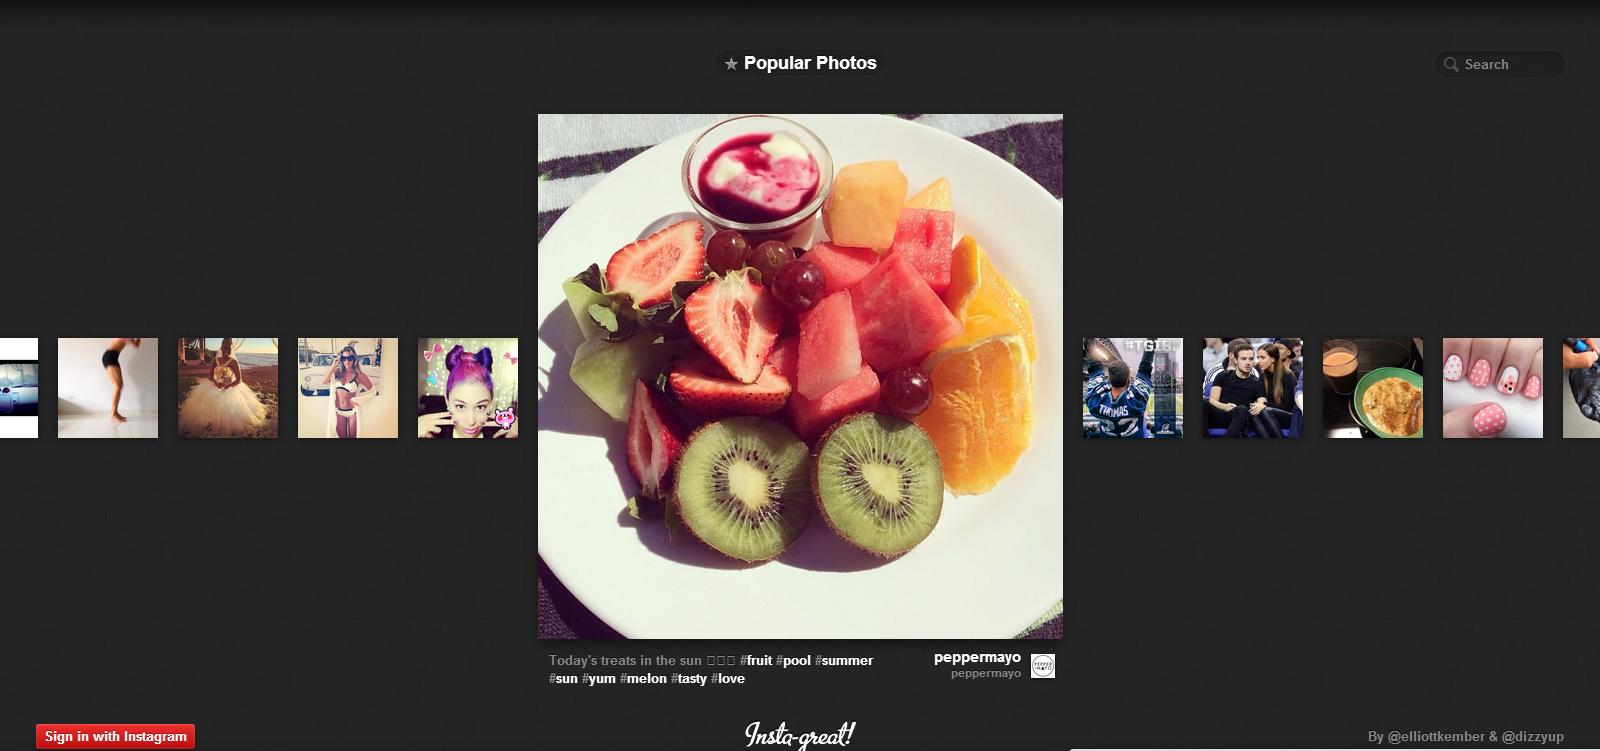 Веер из фотографий: 10 полезных сервисов для пользователей Instagram